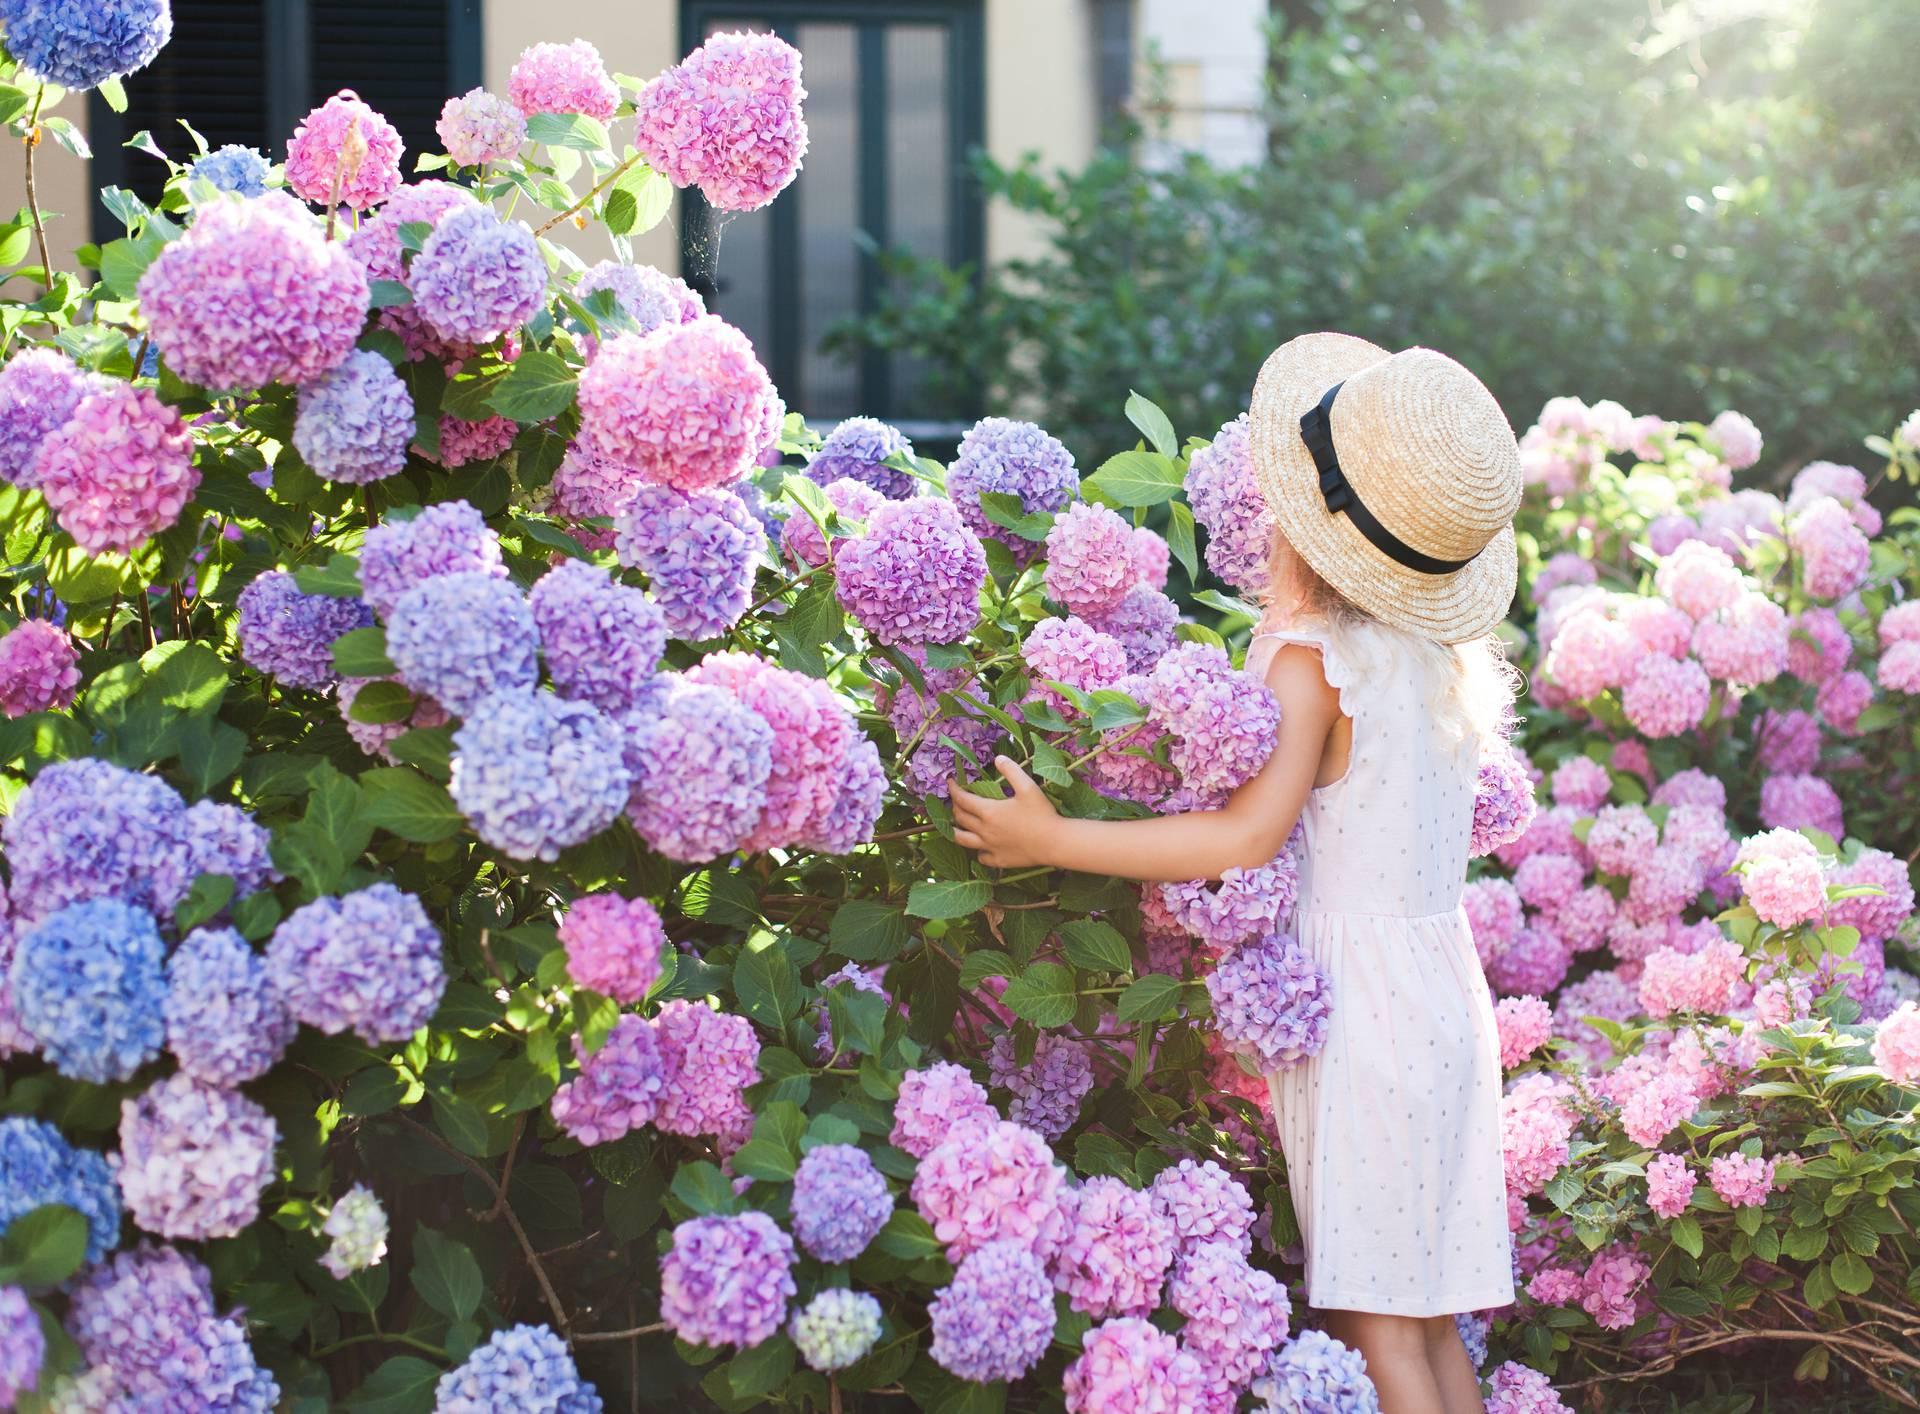 Ljepotica hortenzija: Svi je žele imati na stolu, vrtu ili vjenčanju